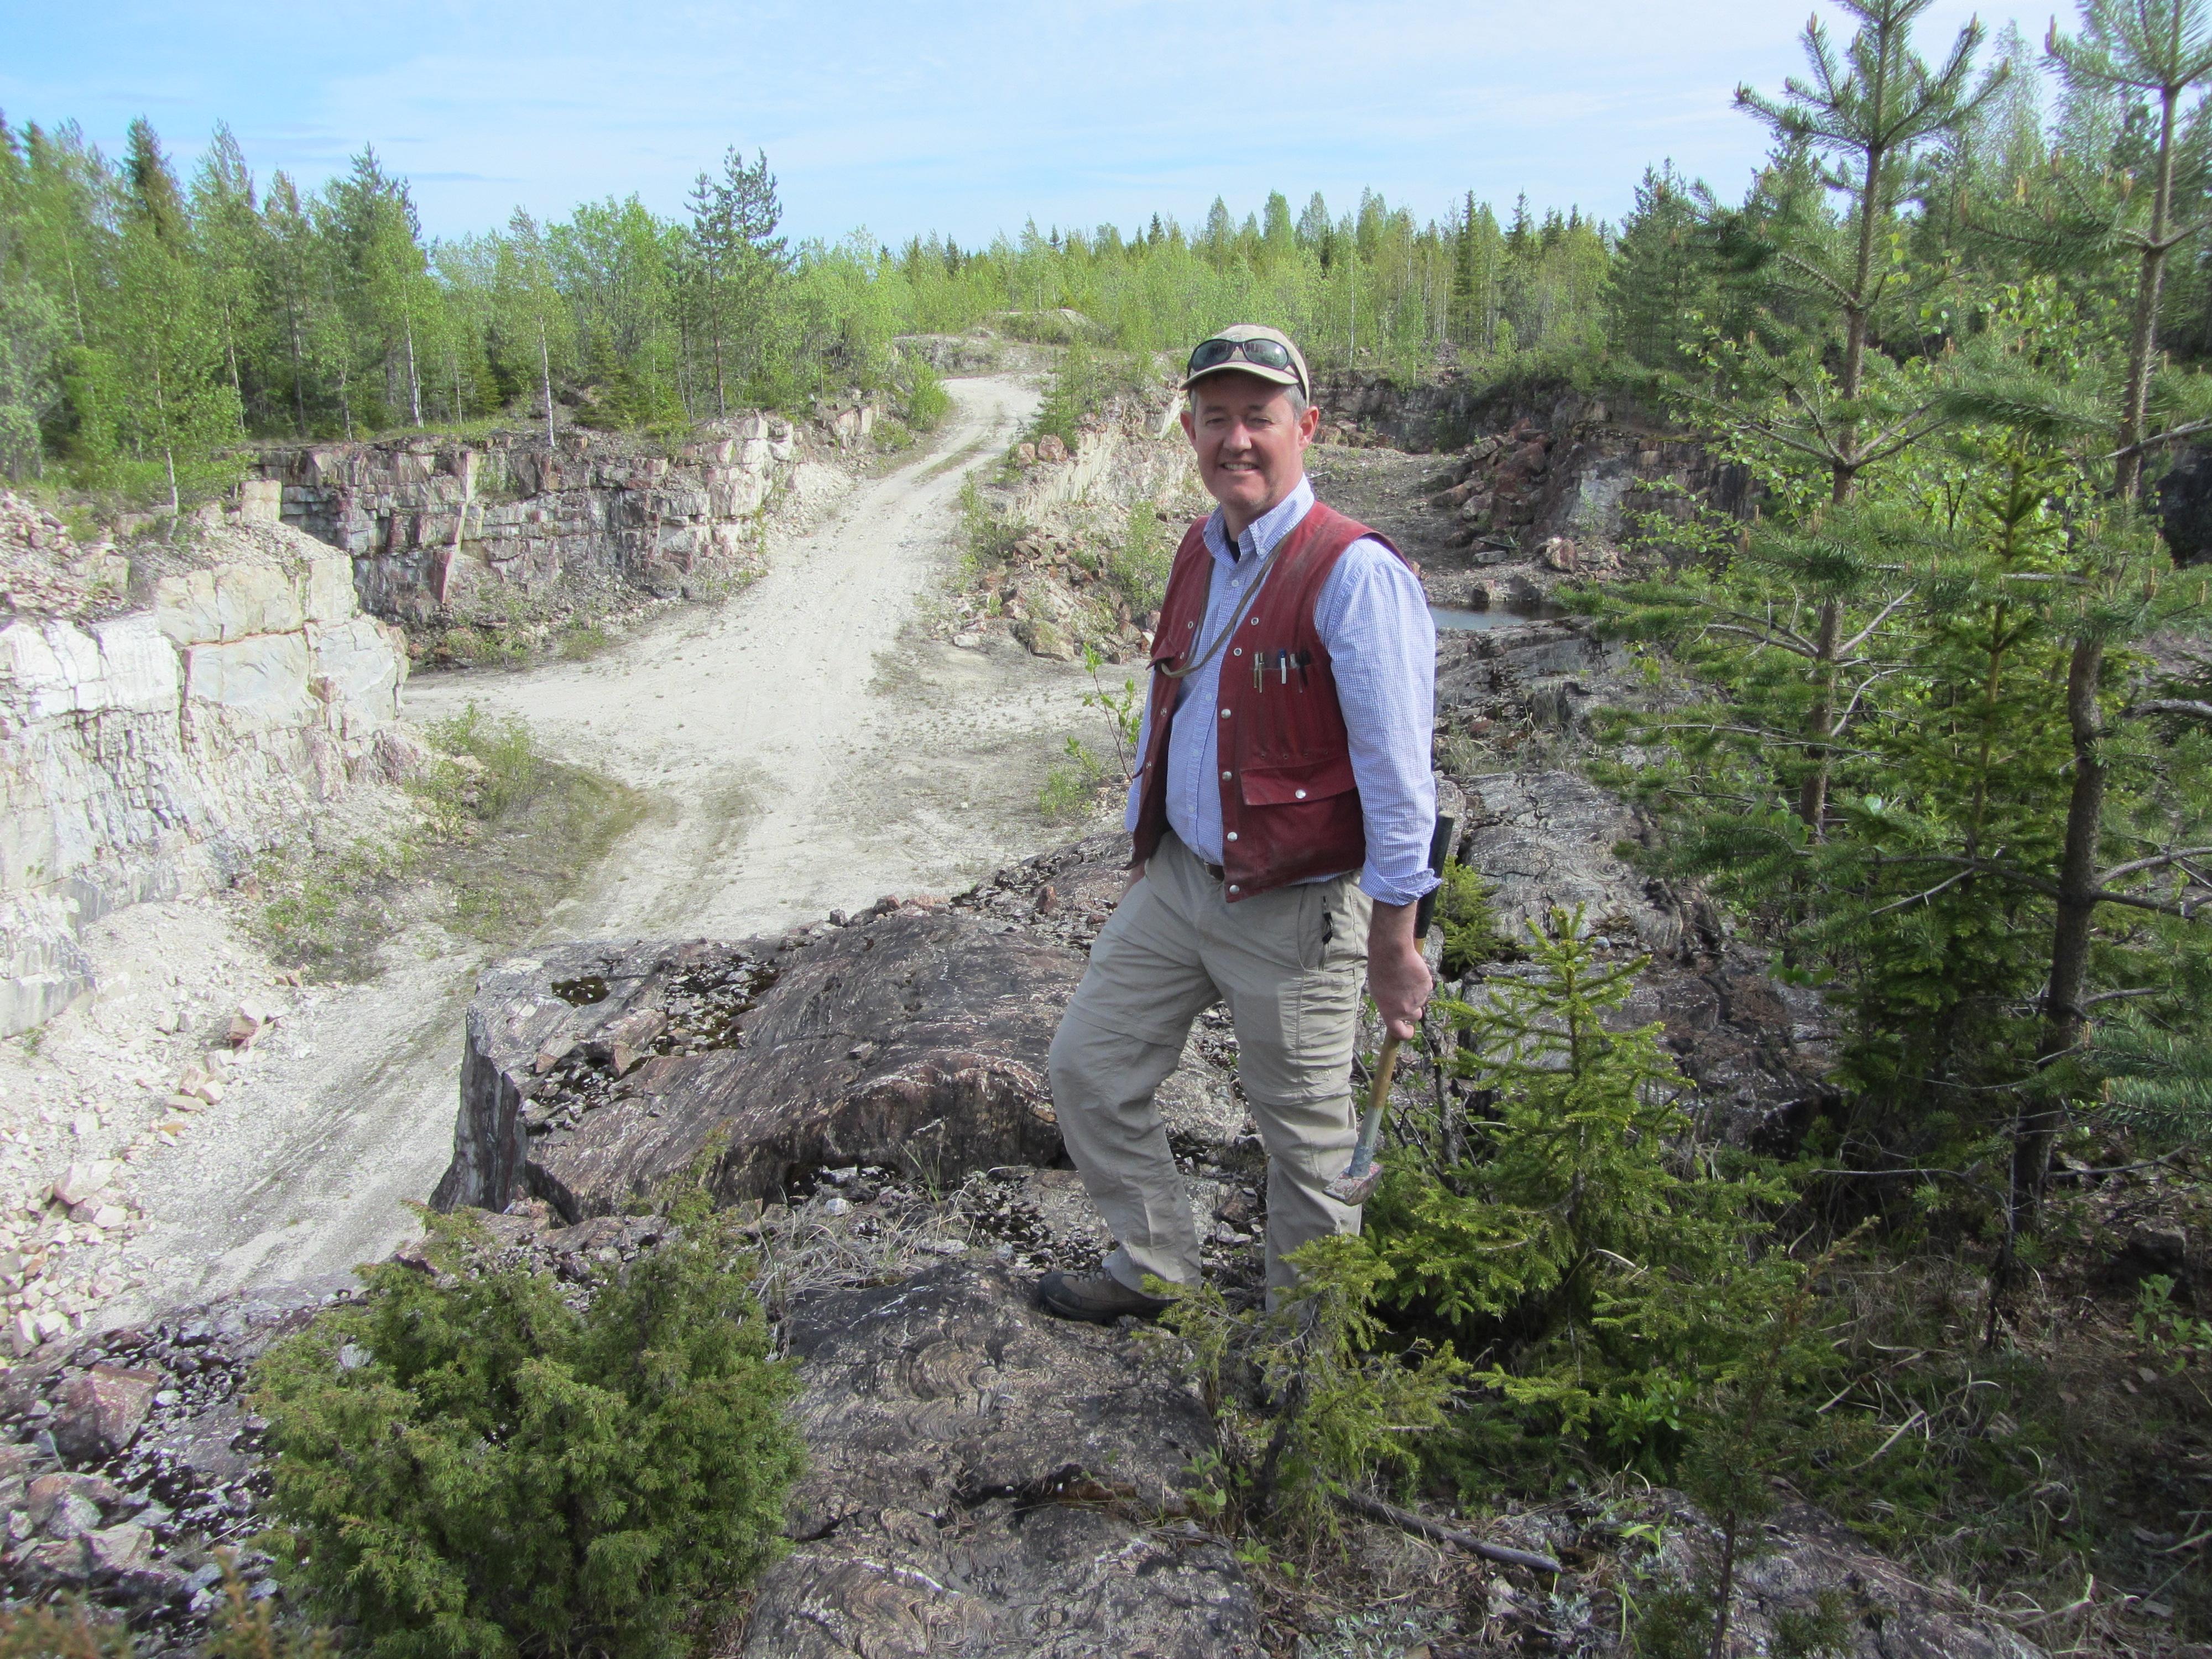 Alan Wilson in the field